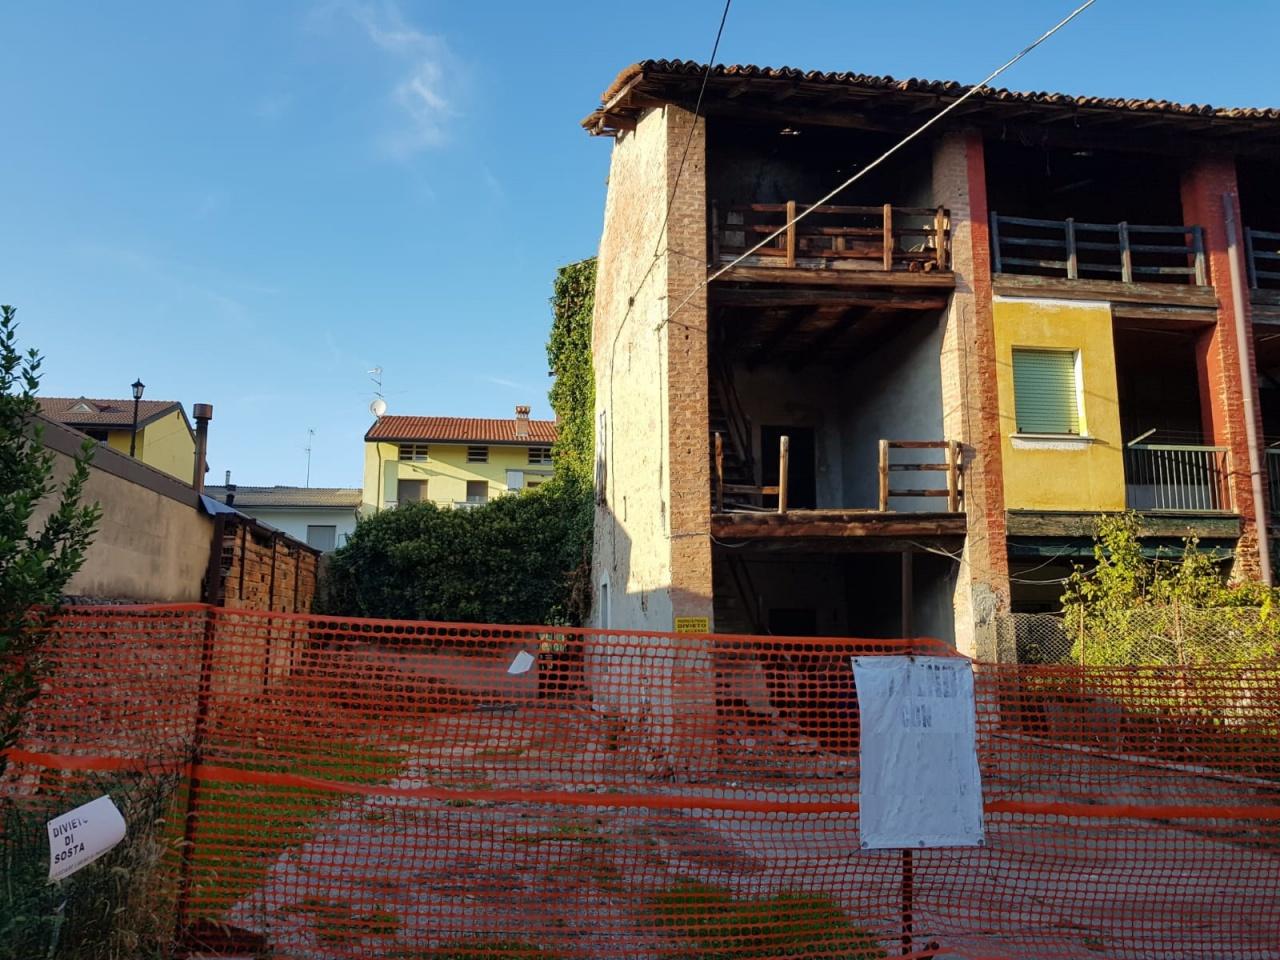 Rustico / Casale in vendita a Caravaggio, 3 locali, prezzo € 39.000 | PortaleAgenzieImmobiliari.it